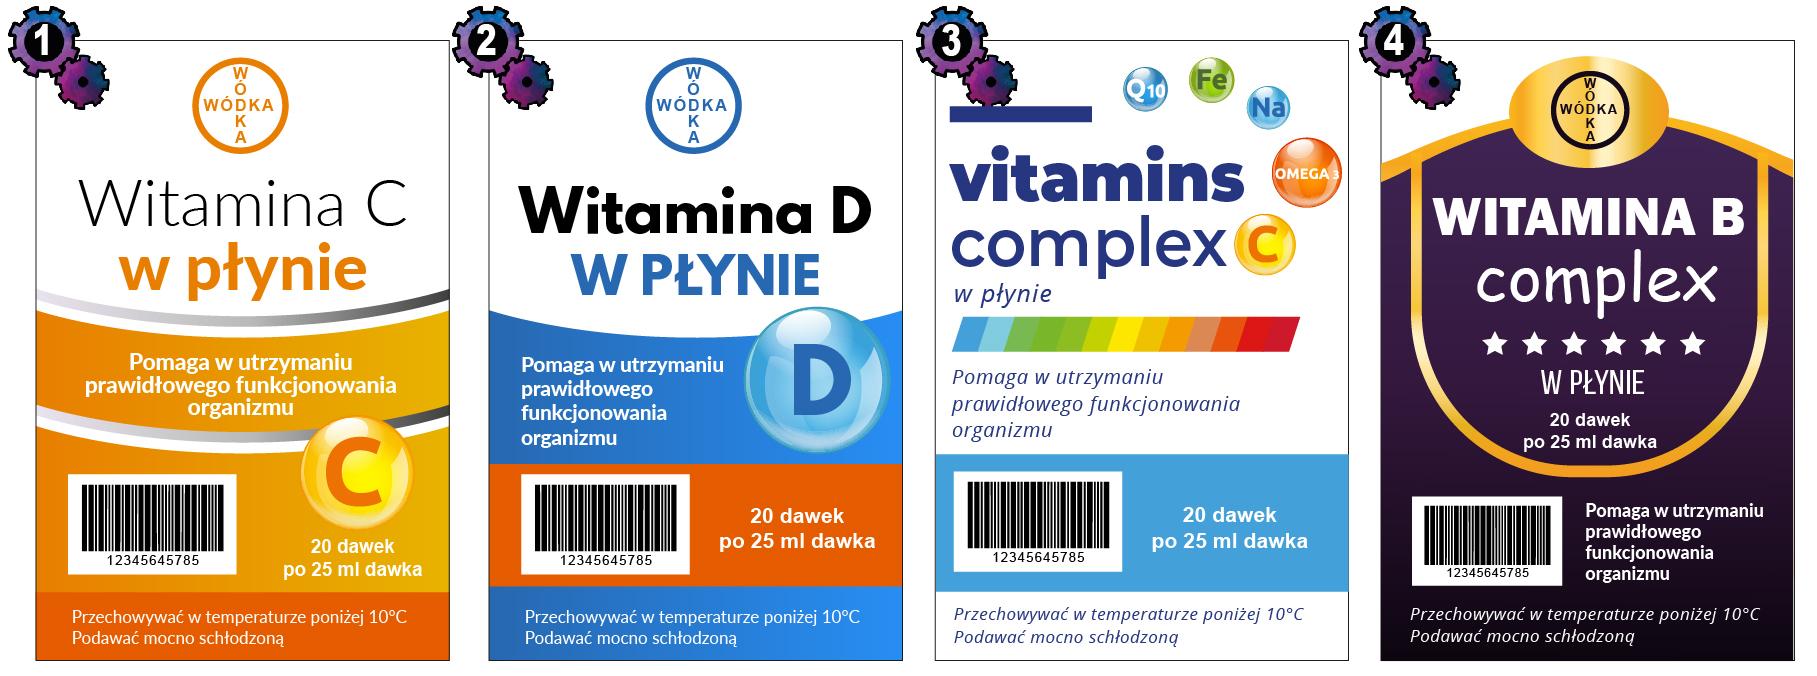 etykiety na wódkę witaminy